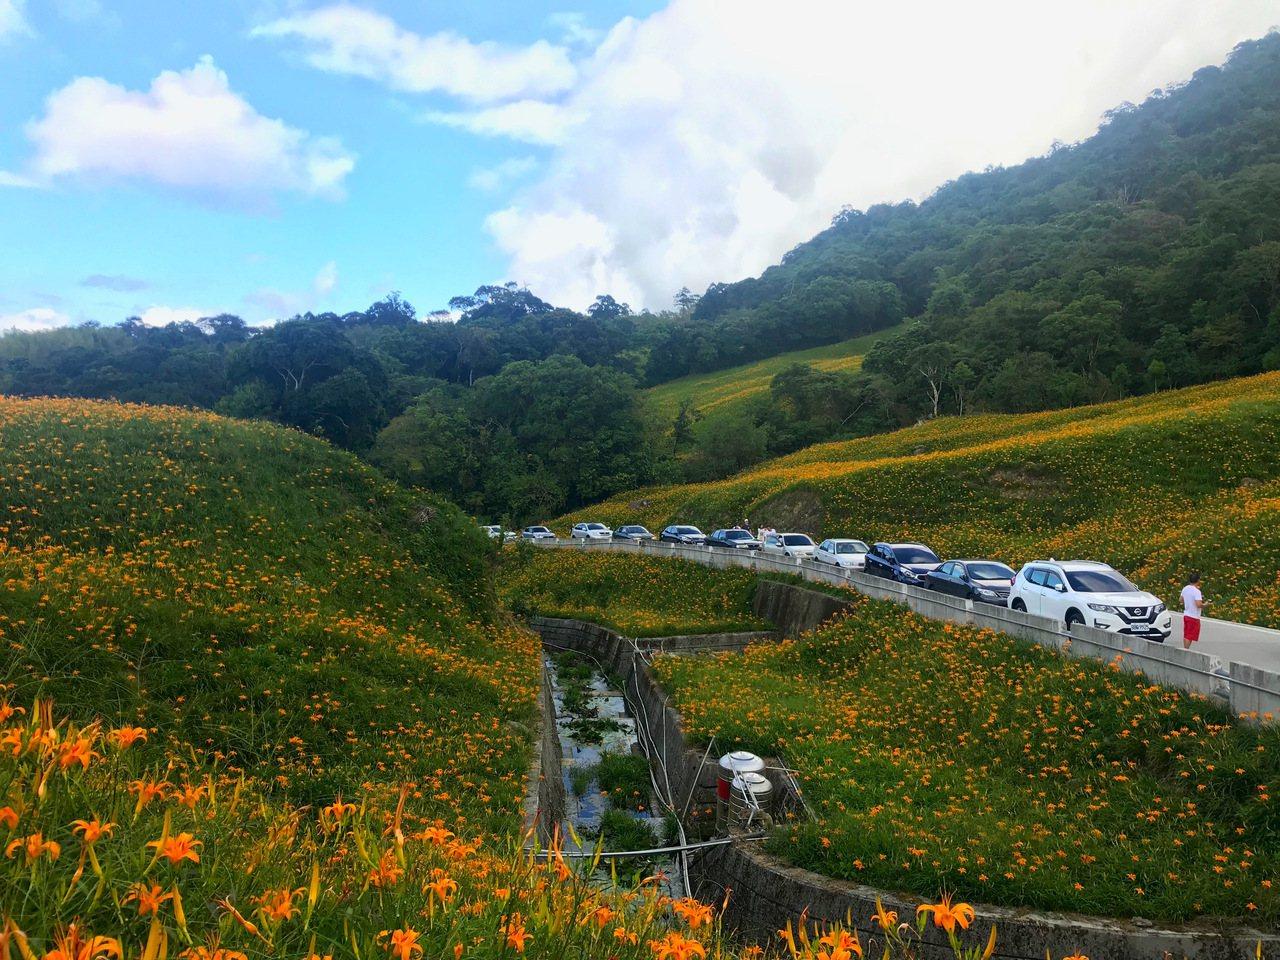 花蓮玉里赤科山上遊人如織,許多遊客只能路邊停車拍照。記者王思慧/攝影